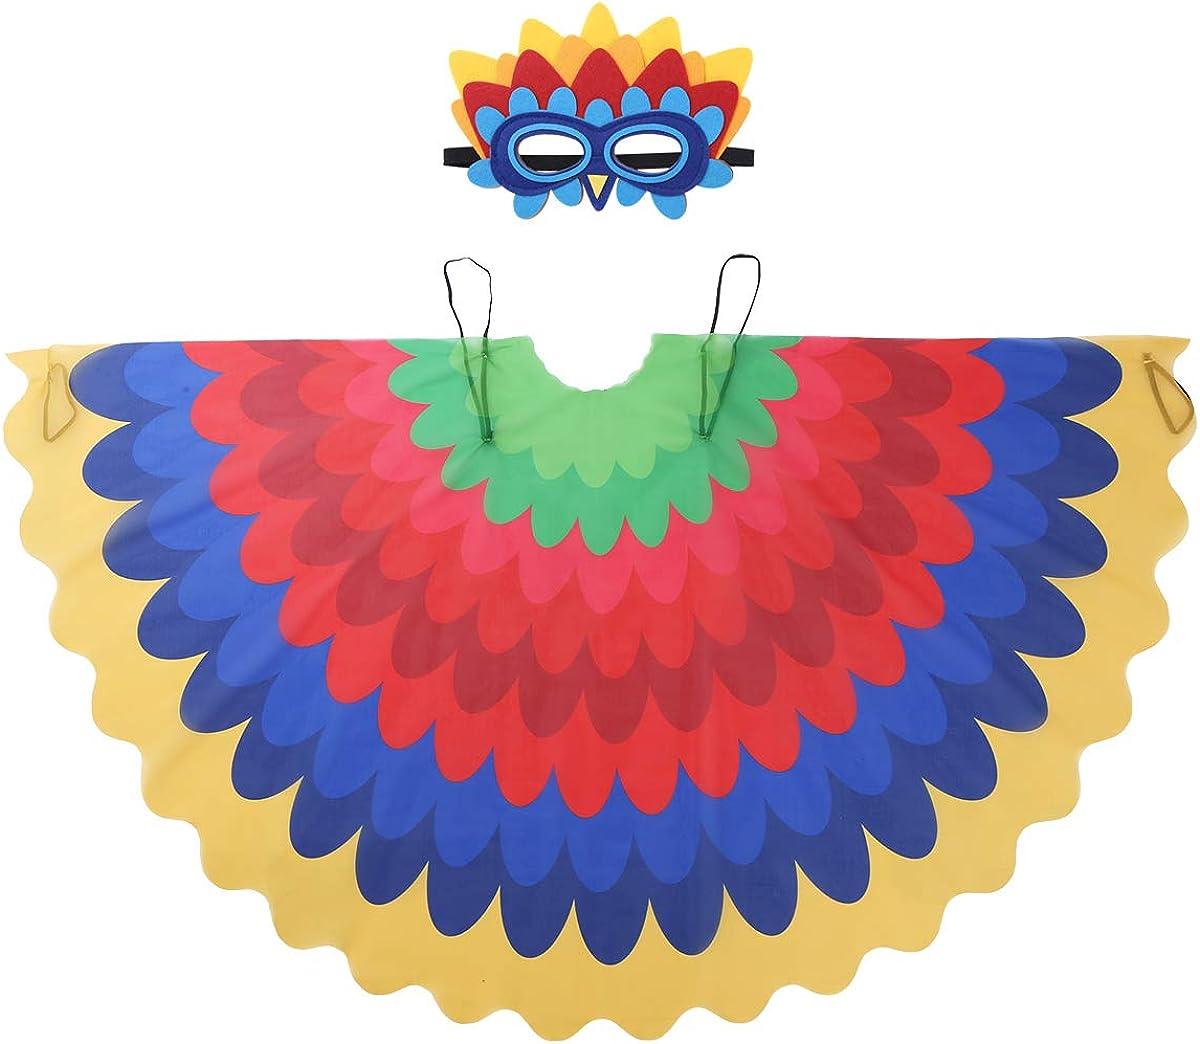 MSemis Disfraz Infantil Loro Orgullo Niñas Alas de Pajaros Niños Alas Tela Ligera con Máscara de Pajaros Fiesta Disfraces Accesorios Juquetes Infantiles